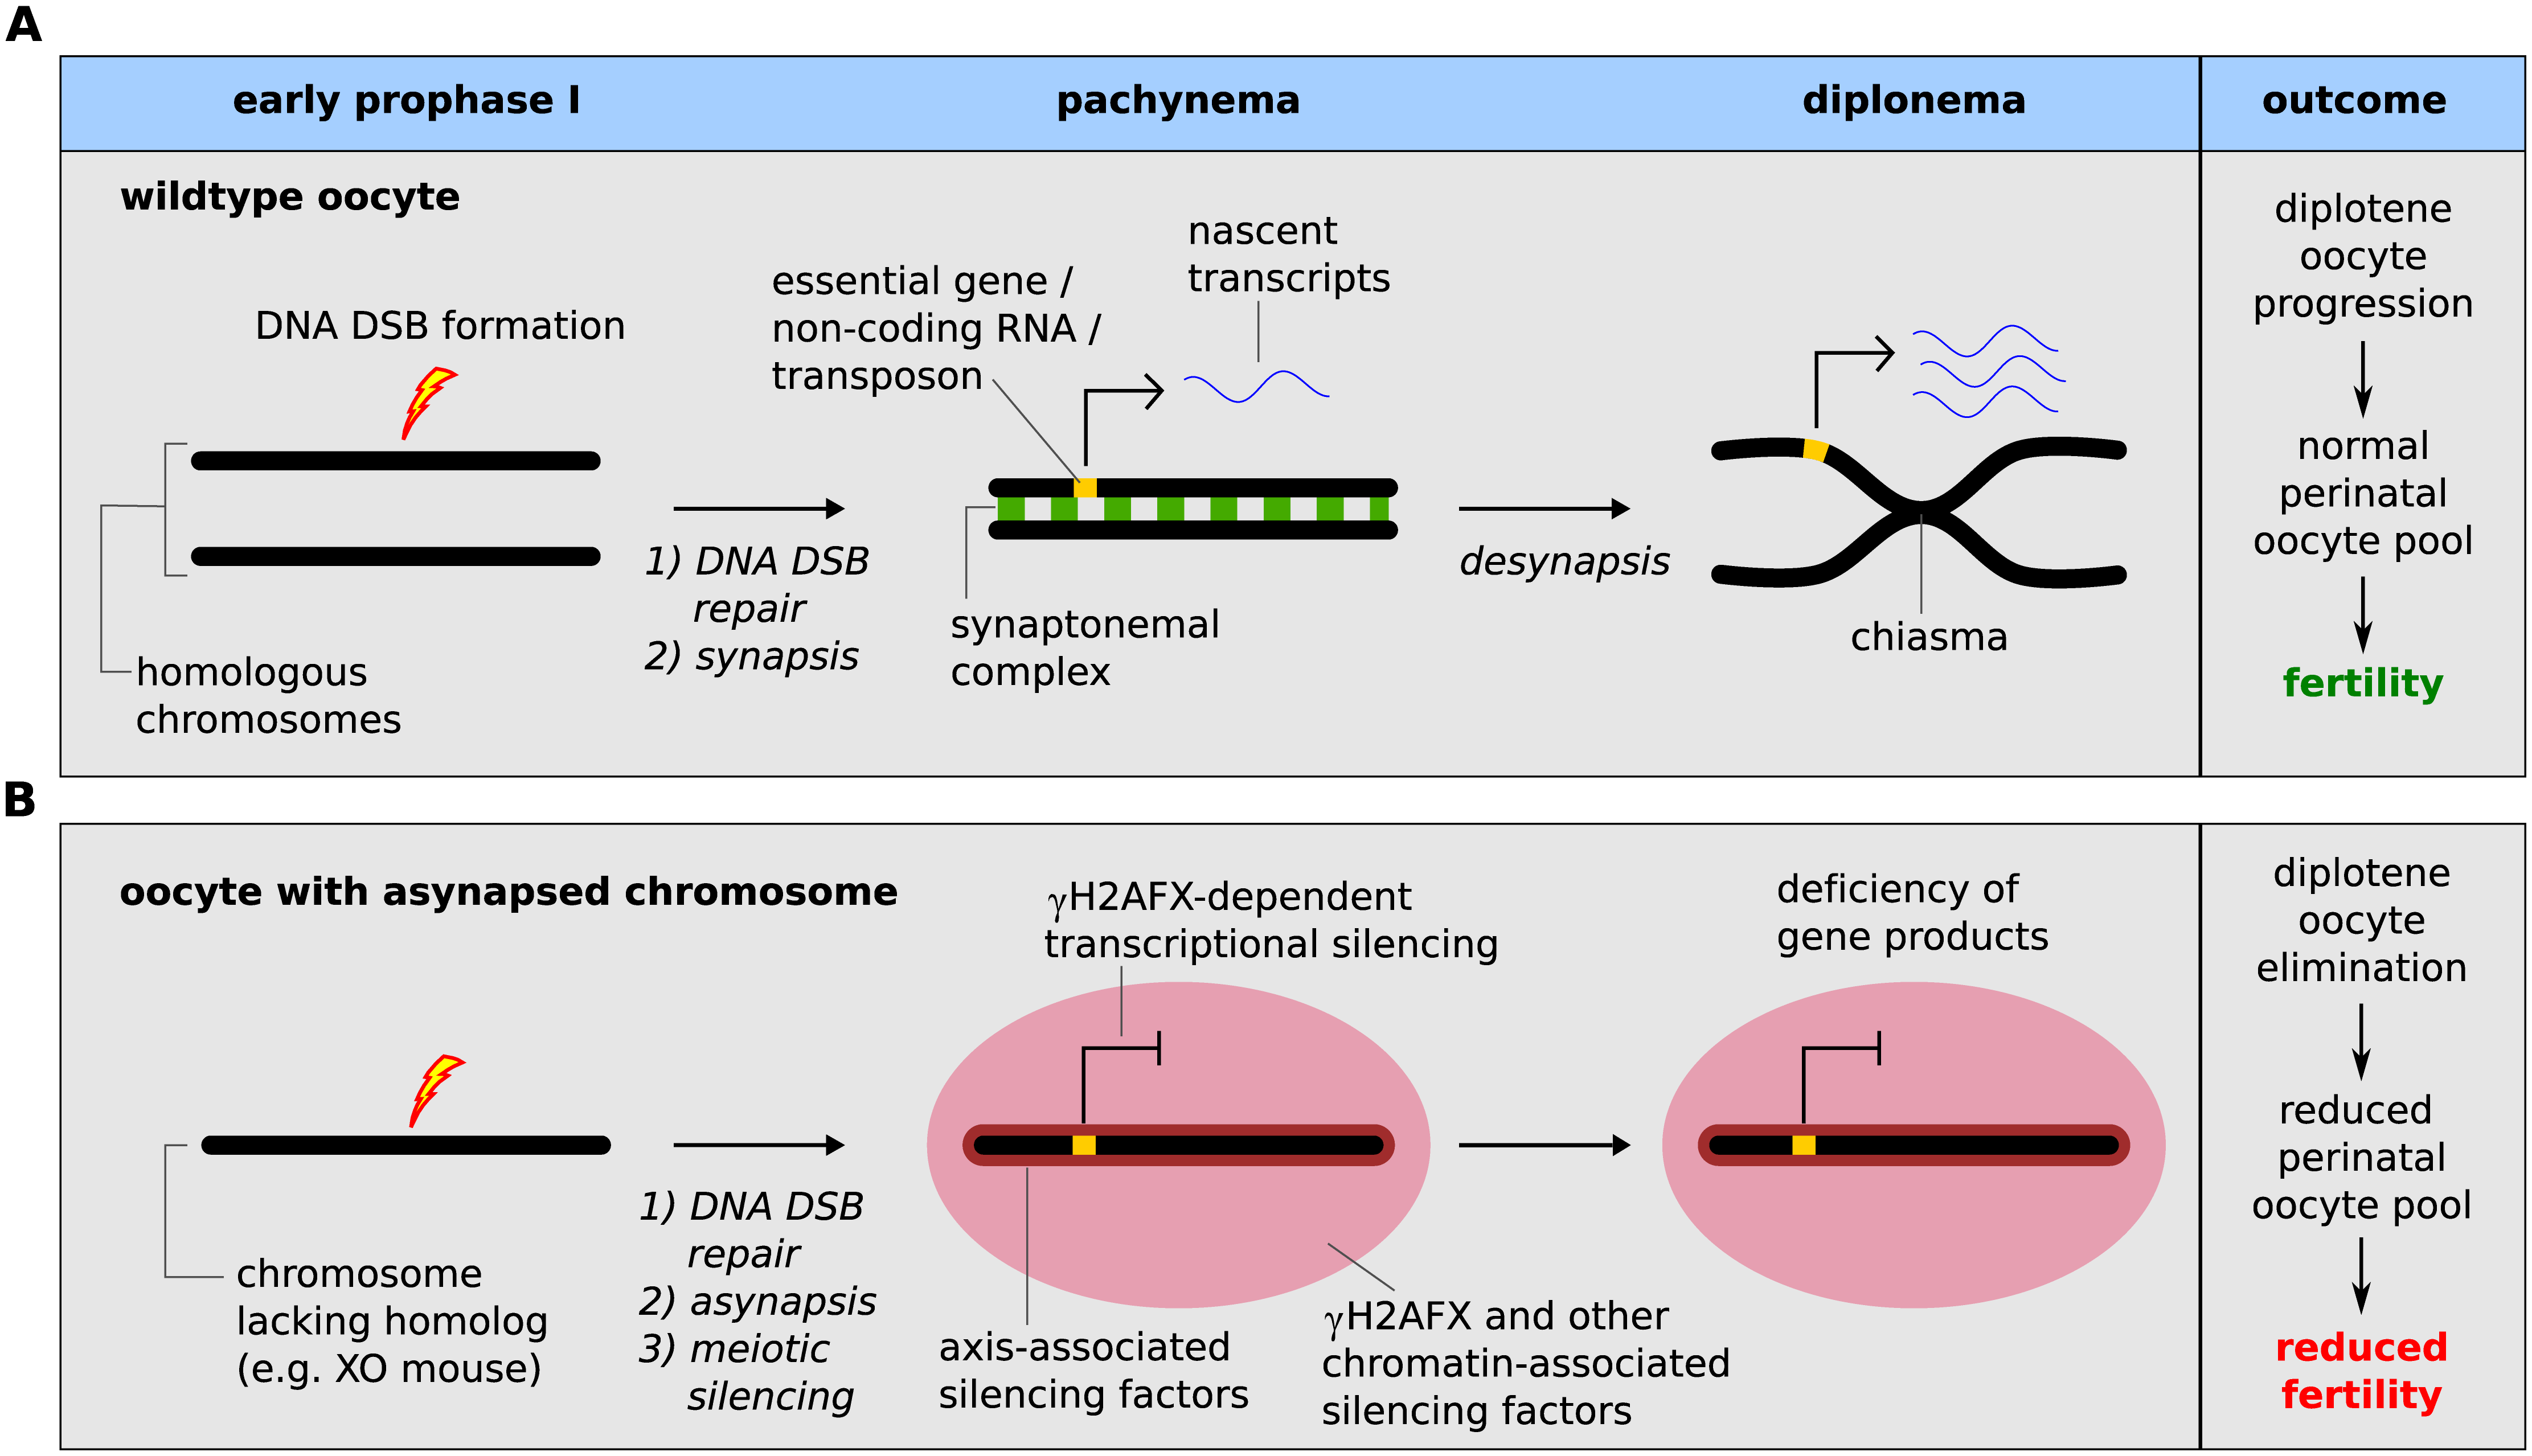 Meiotic silencing model of prophase I oocyte elimination.